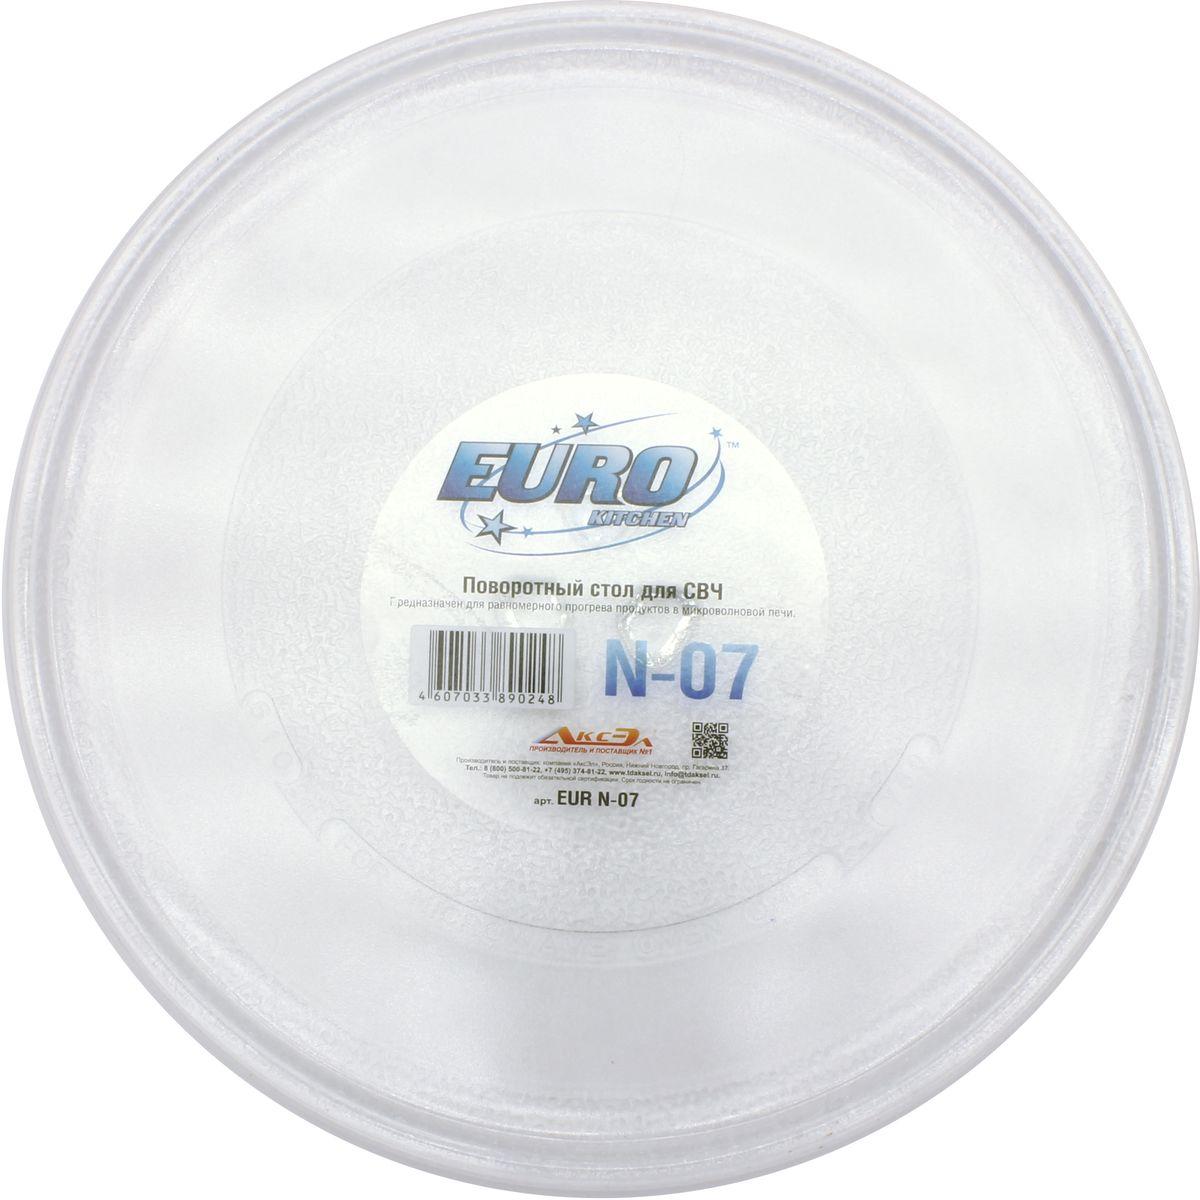 Euro Kitchen N-07 тарелка для СВЧ